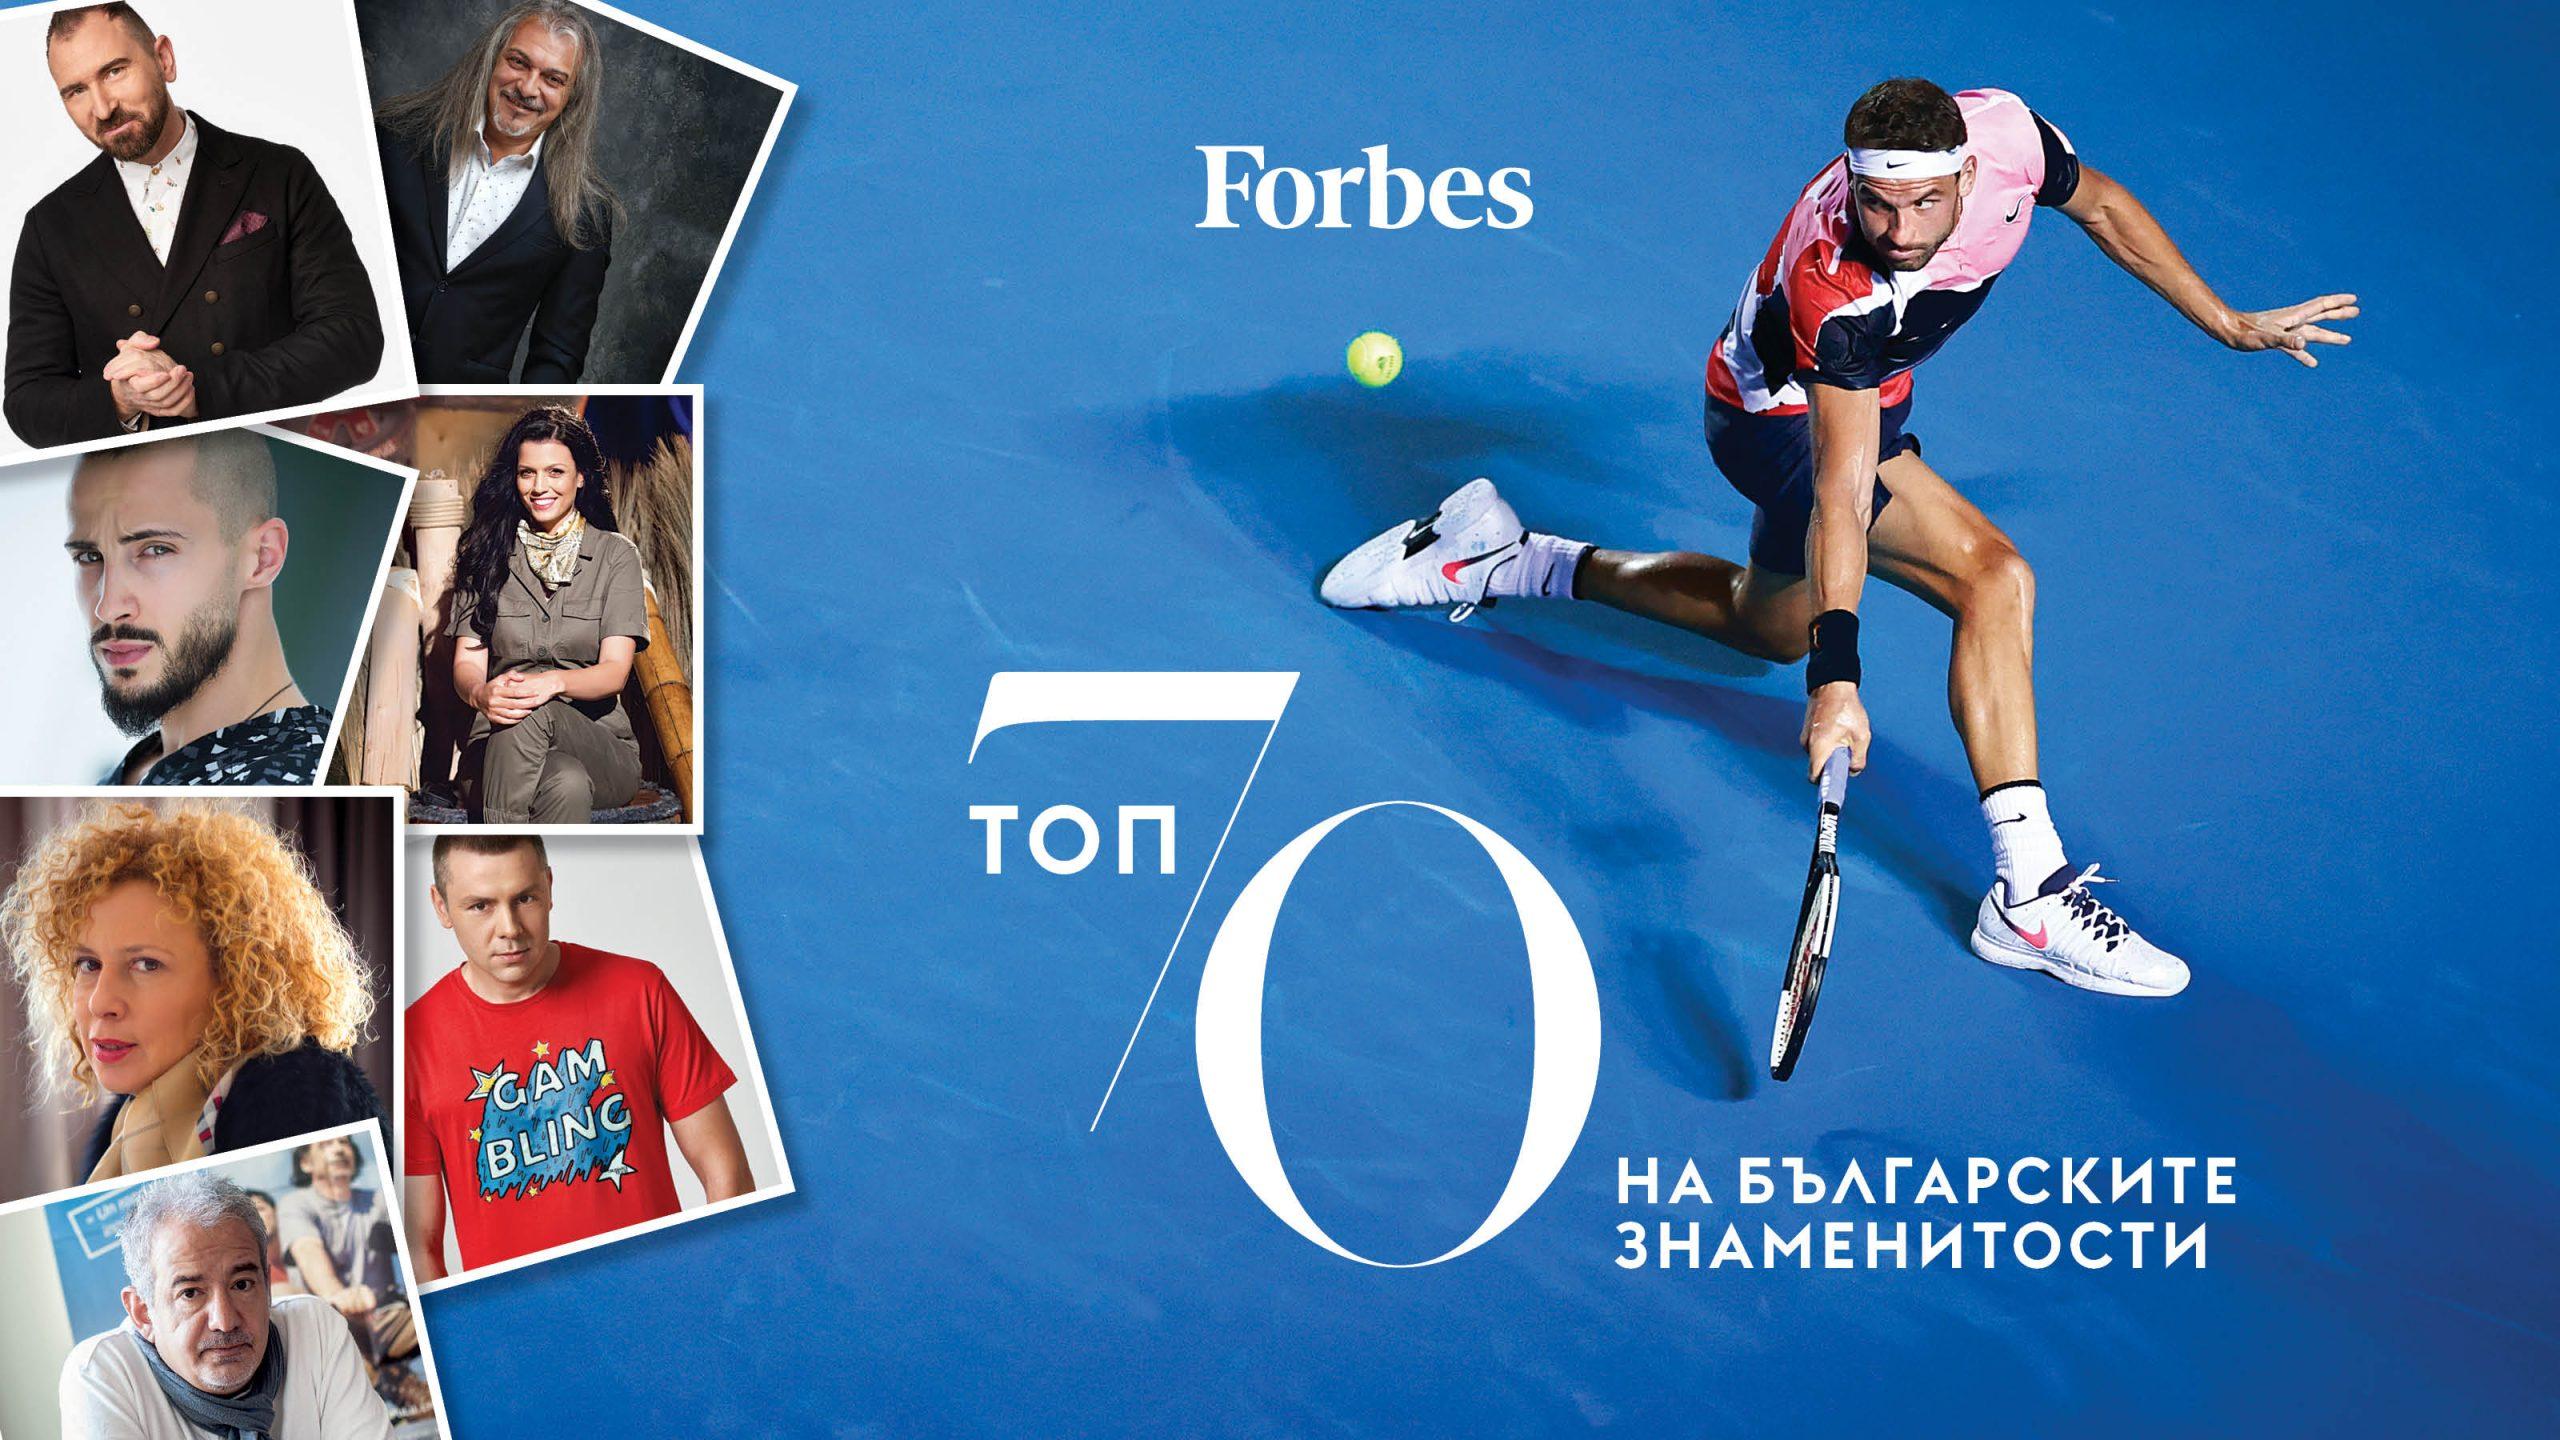 Топ 70 на българските знаменитости